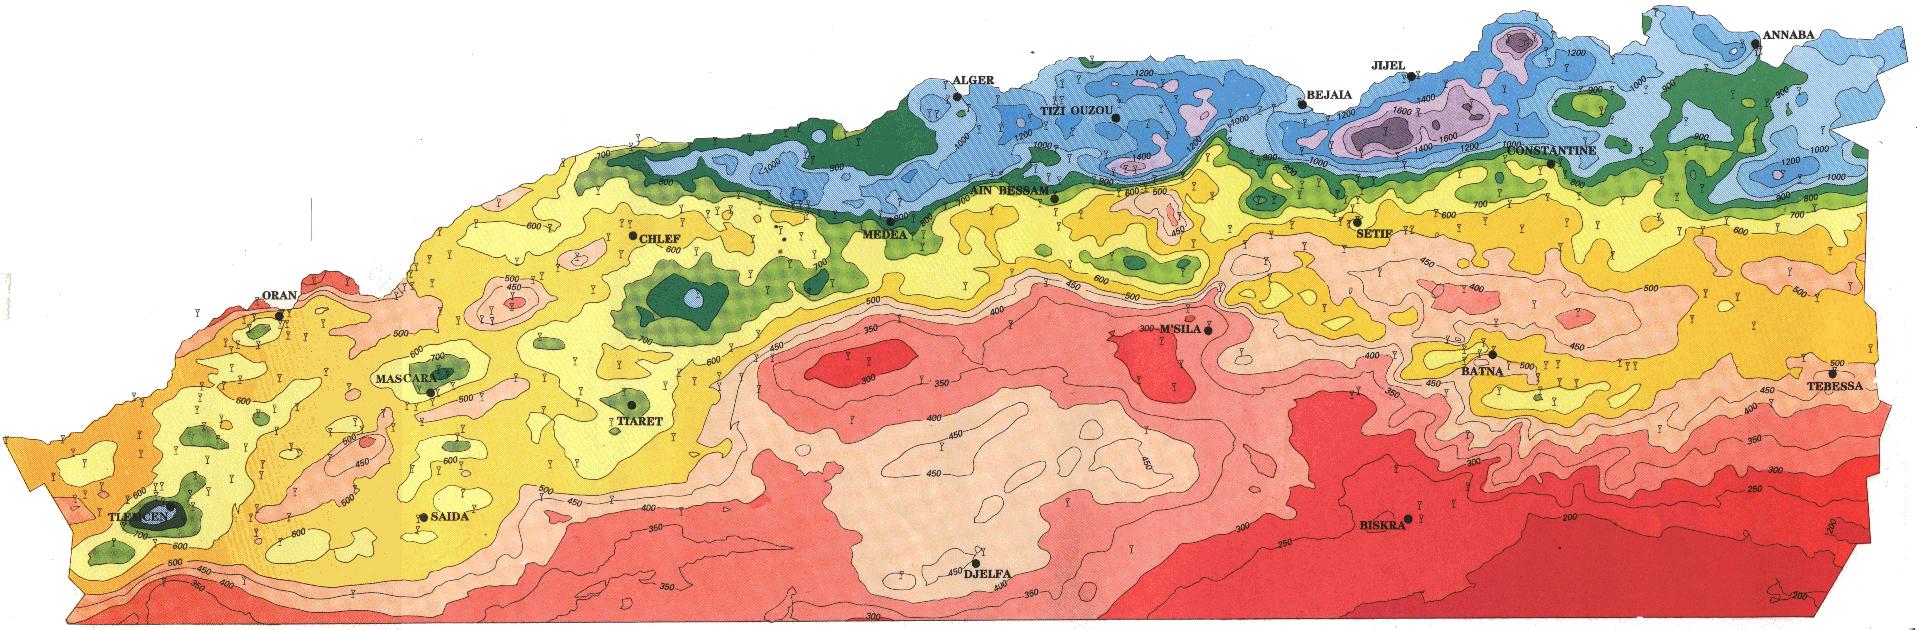 Carte Geologique De Lalgerie Du Nord.Analyse Et Suivi Du Phenomene De La Desertification En